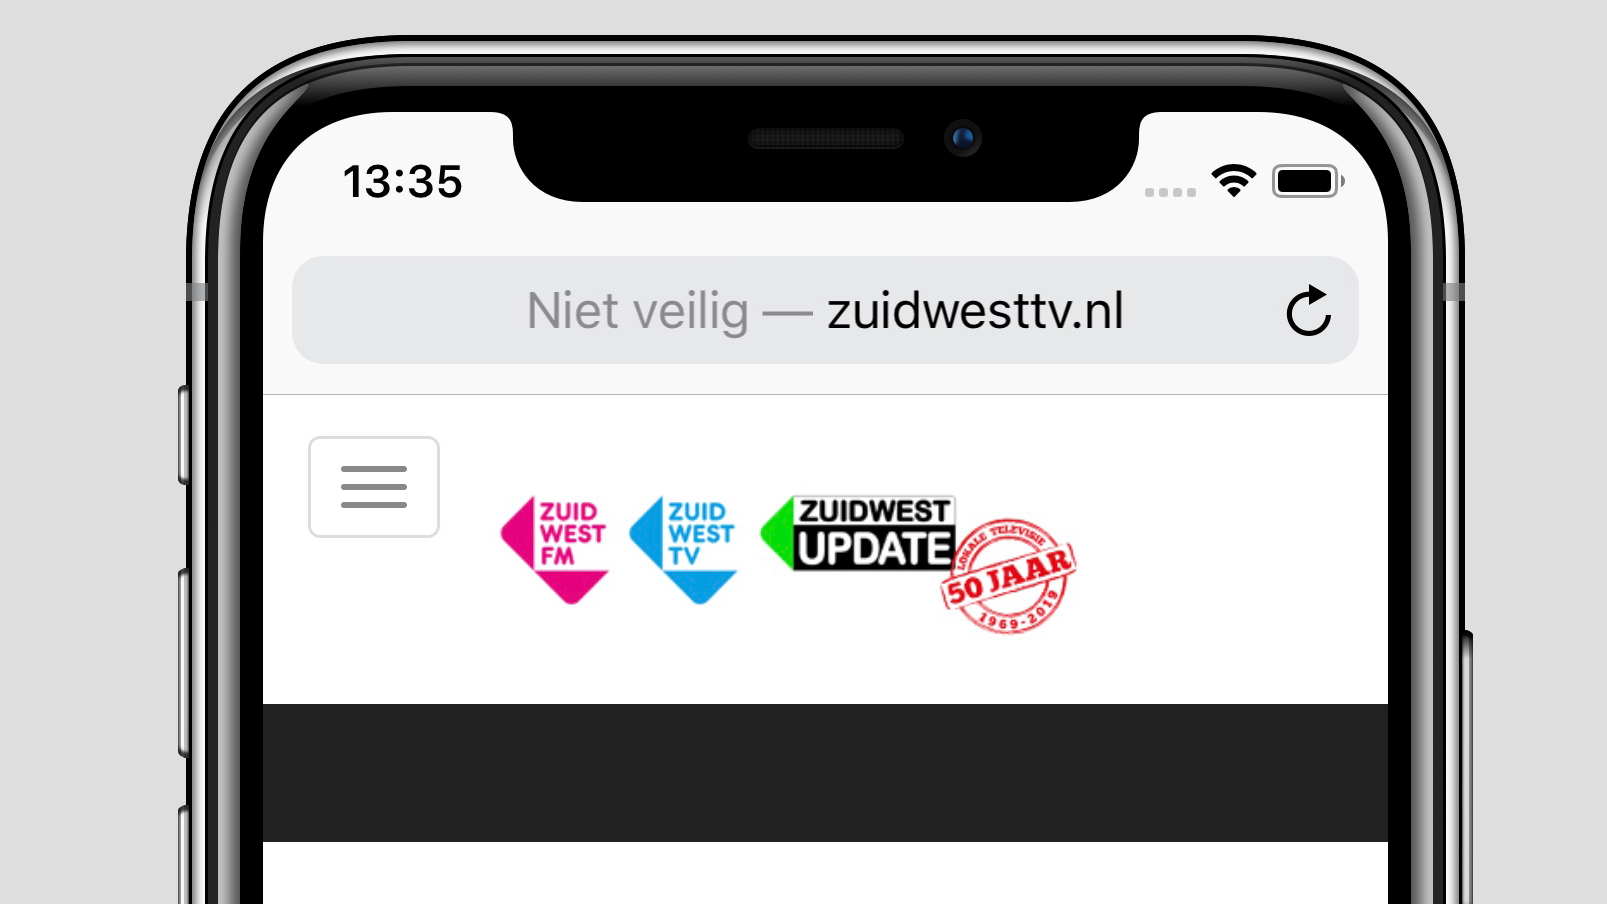 iOS 12.2 niet veilig safari